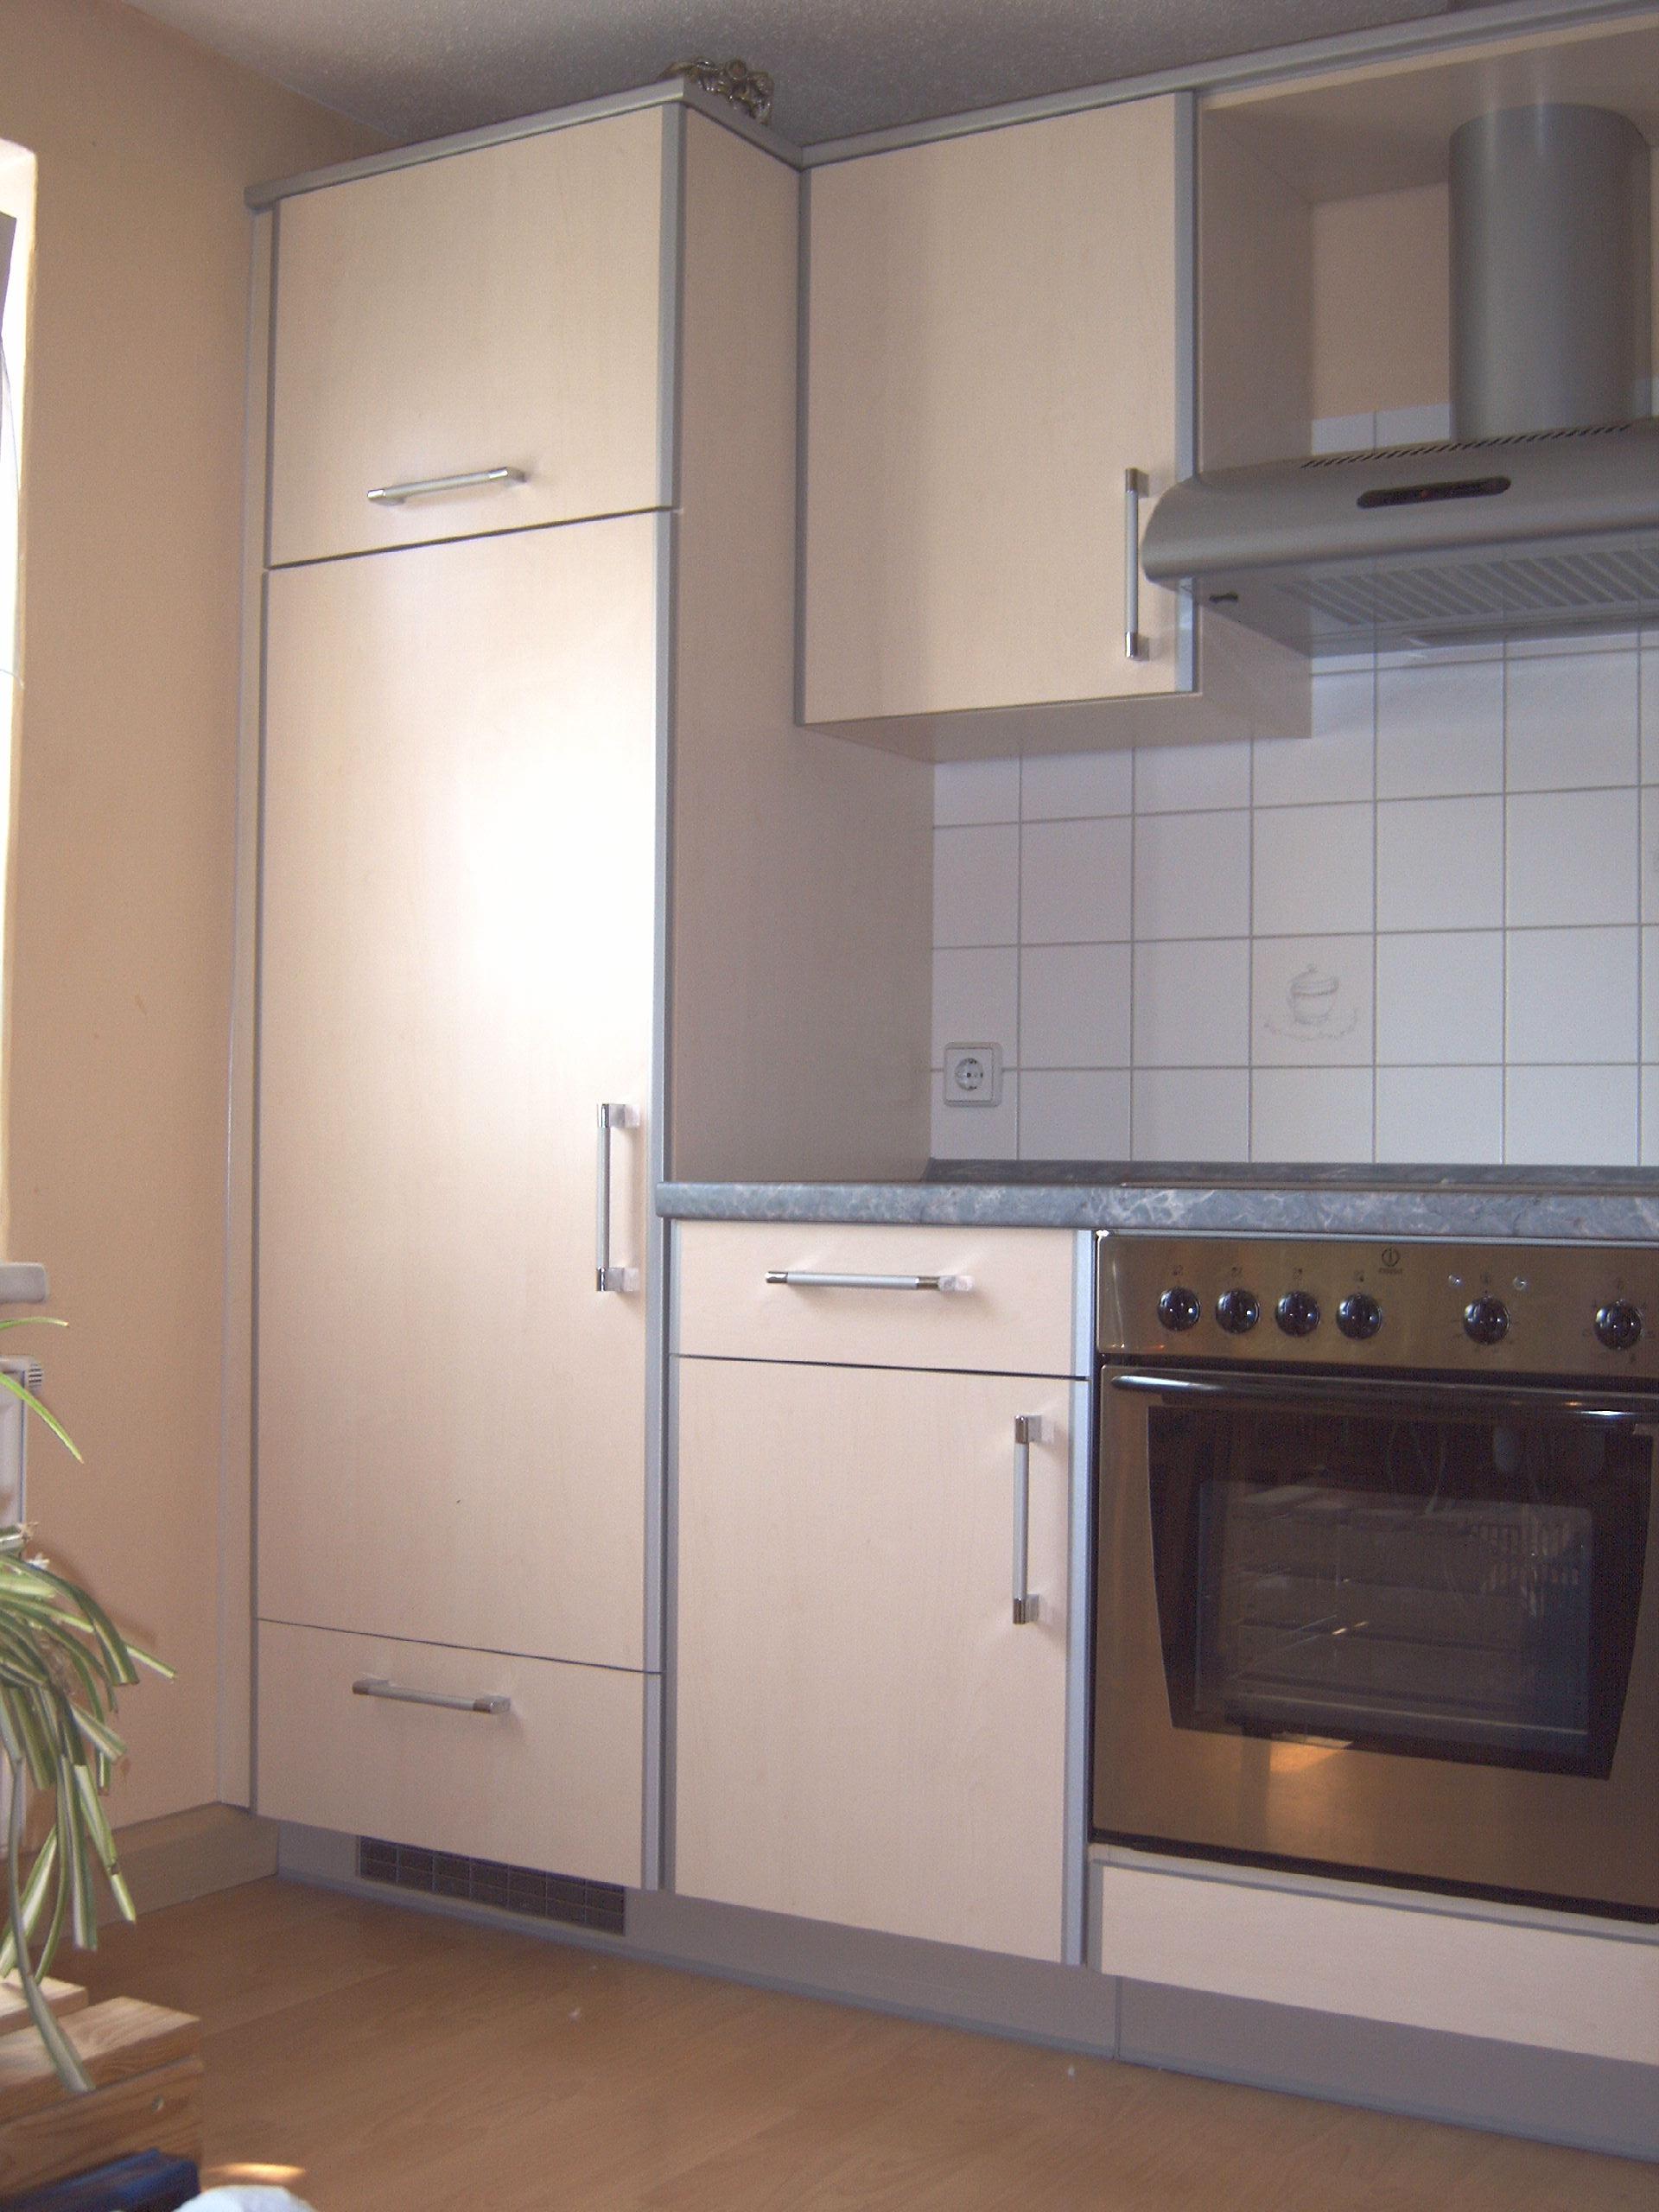 1A Einbauküche Mit Allen Elektrogeräten